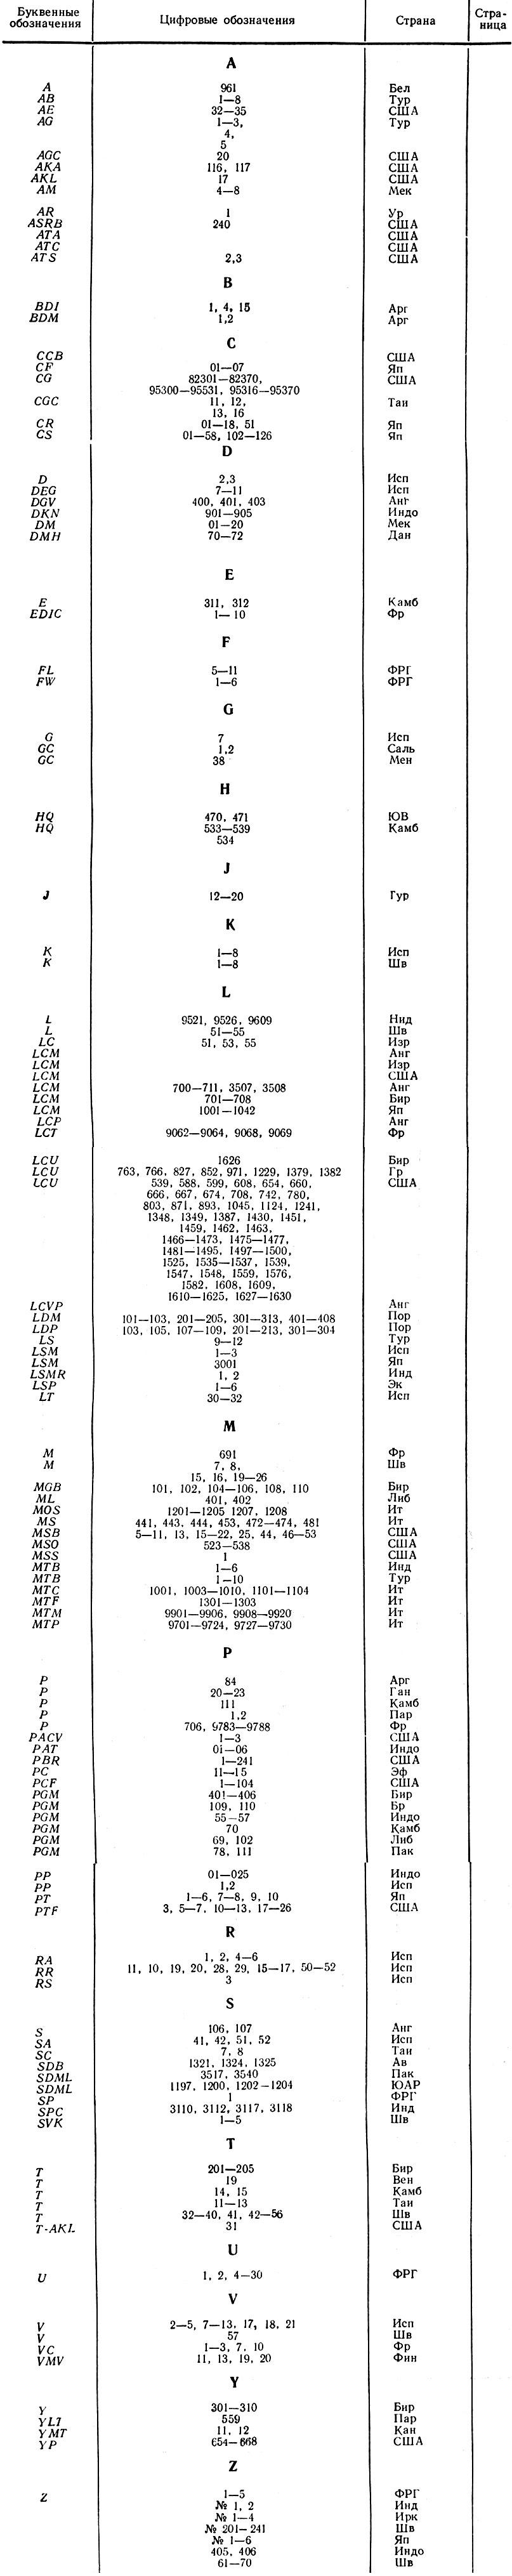 Обозначения буквенно-цифровые в этих схемах по гост 2.710-81